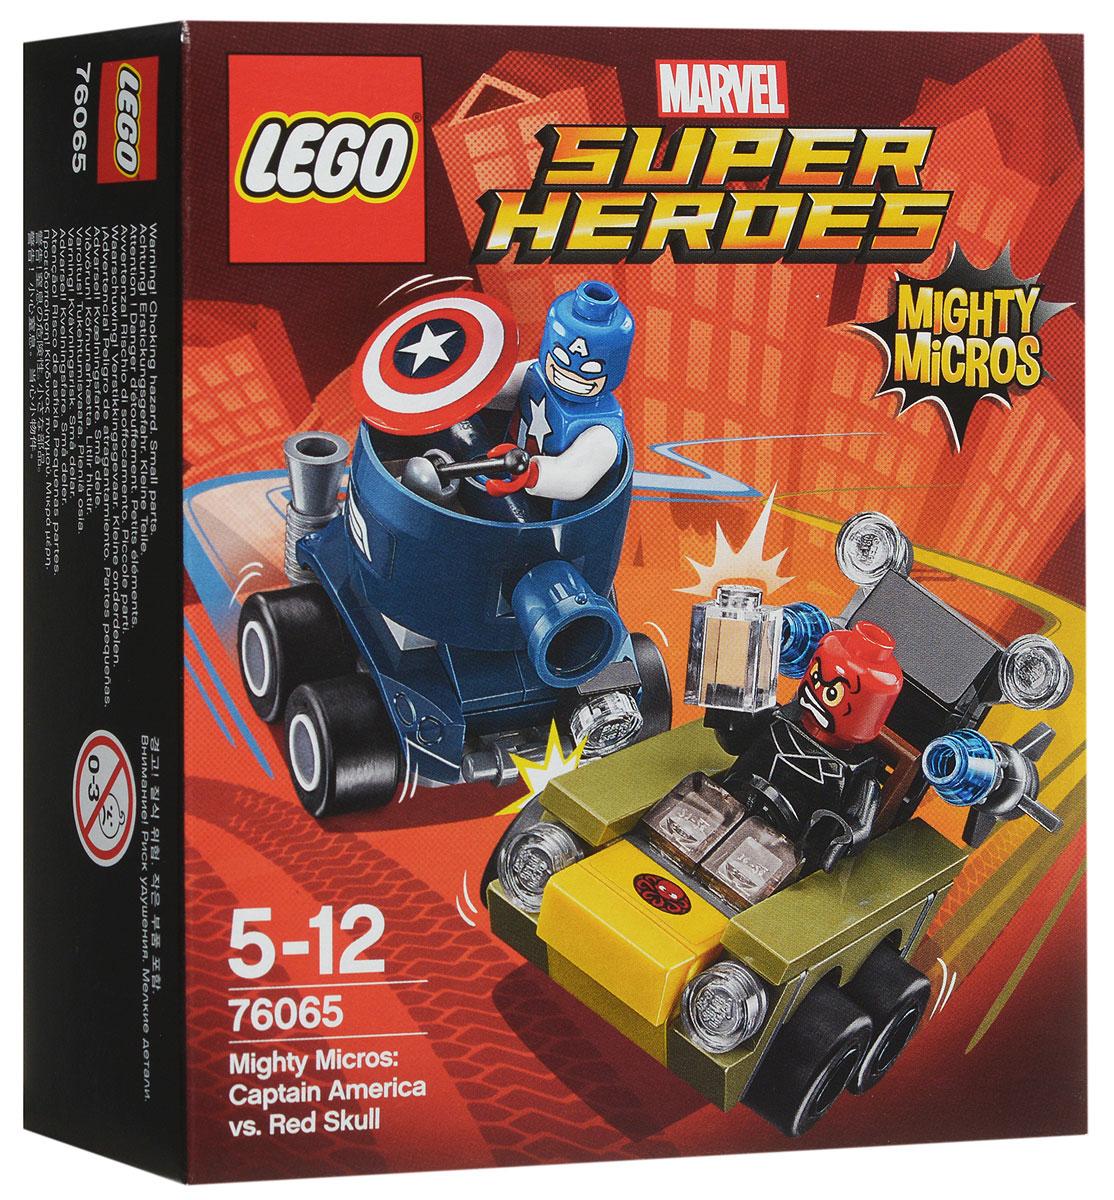 LEGO Super Heroes Конструктор Капитан Америка против Красного Черепа 7606576065Направьте танк Капитана Америка навстречу крутой машине Красного Черепа. Отразите ракеты Красного Черепа при помощи щита Капитана Америка. Кто победит в этой потрясающей схватке? Набор включает в себя 95 разноцветных пластиковых элементов. Конструктор - это один из самых увлекательных и веселых способов времяпрепровождения. Ребенок сможет часами играть с конструктором, придумывая различные ситуации и истории.